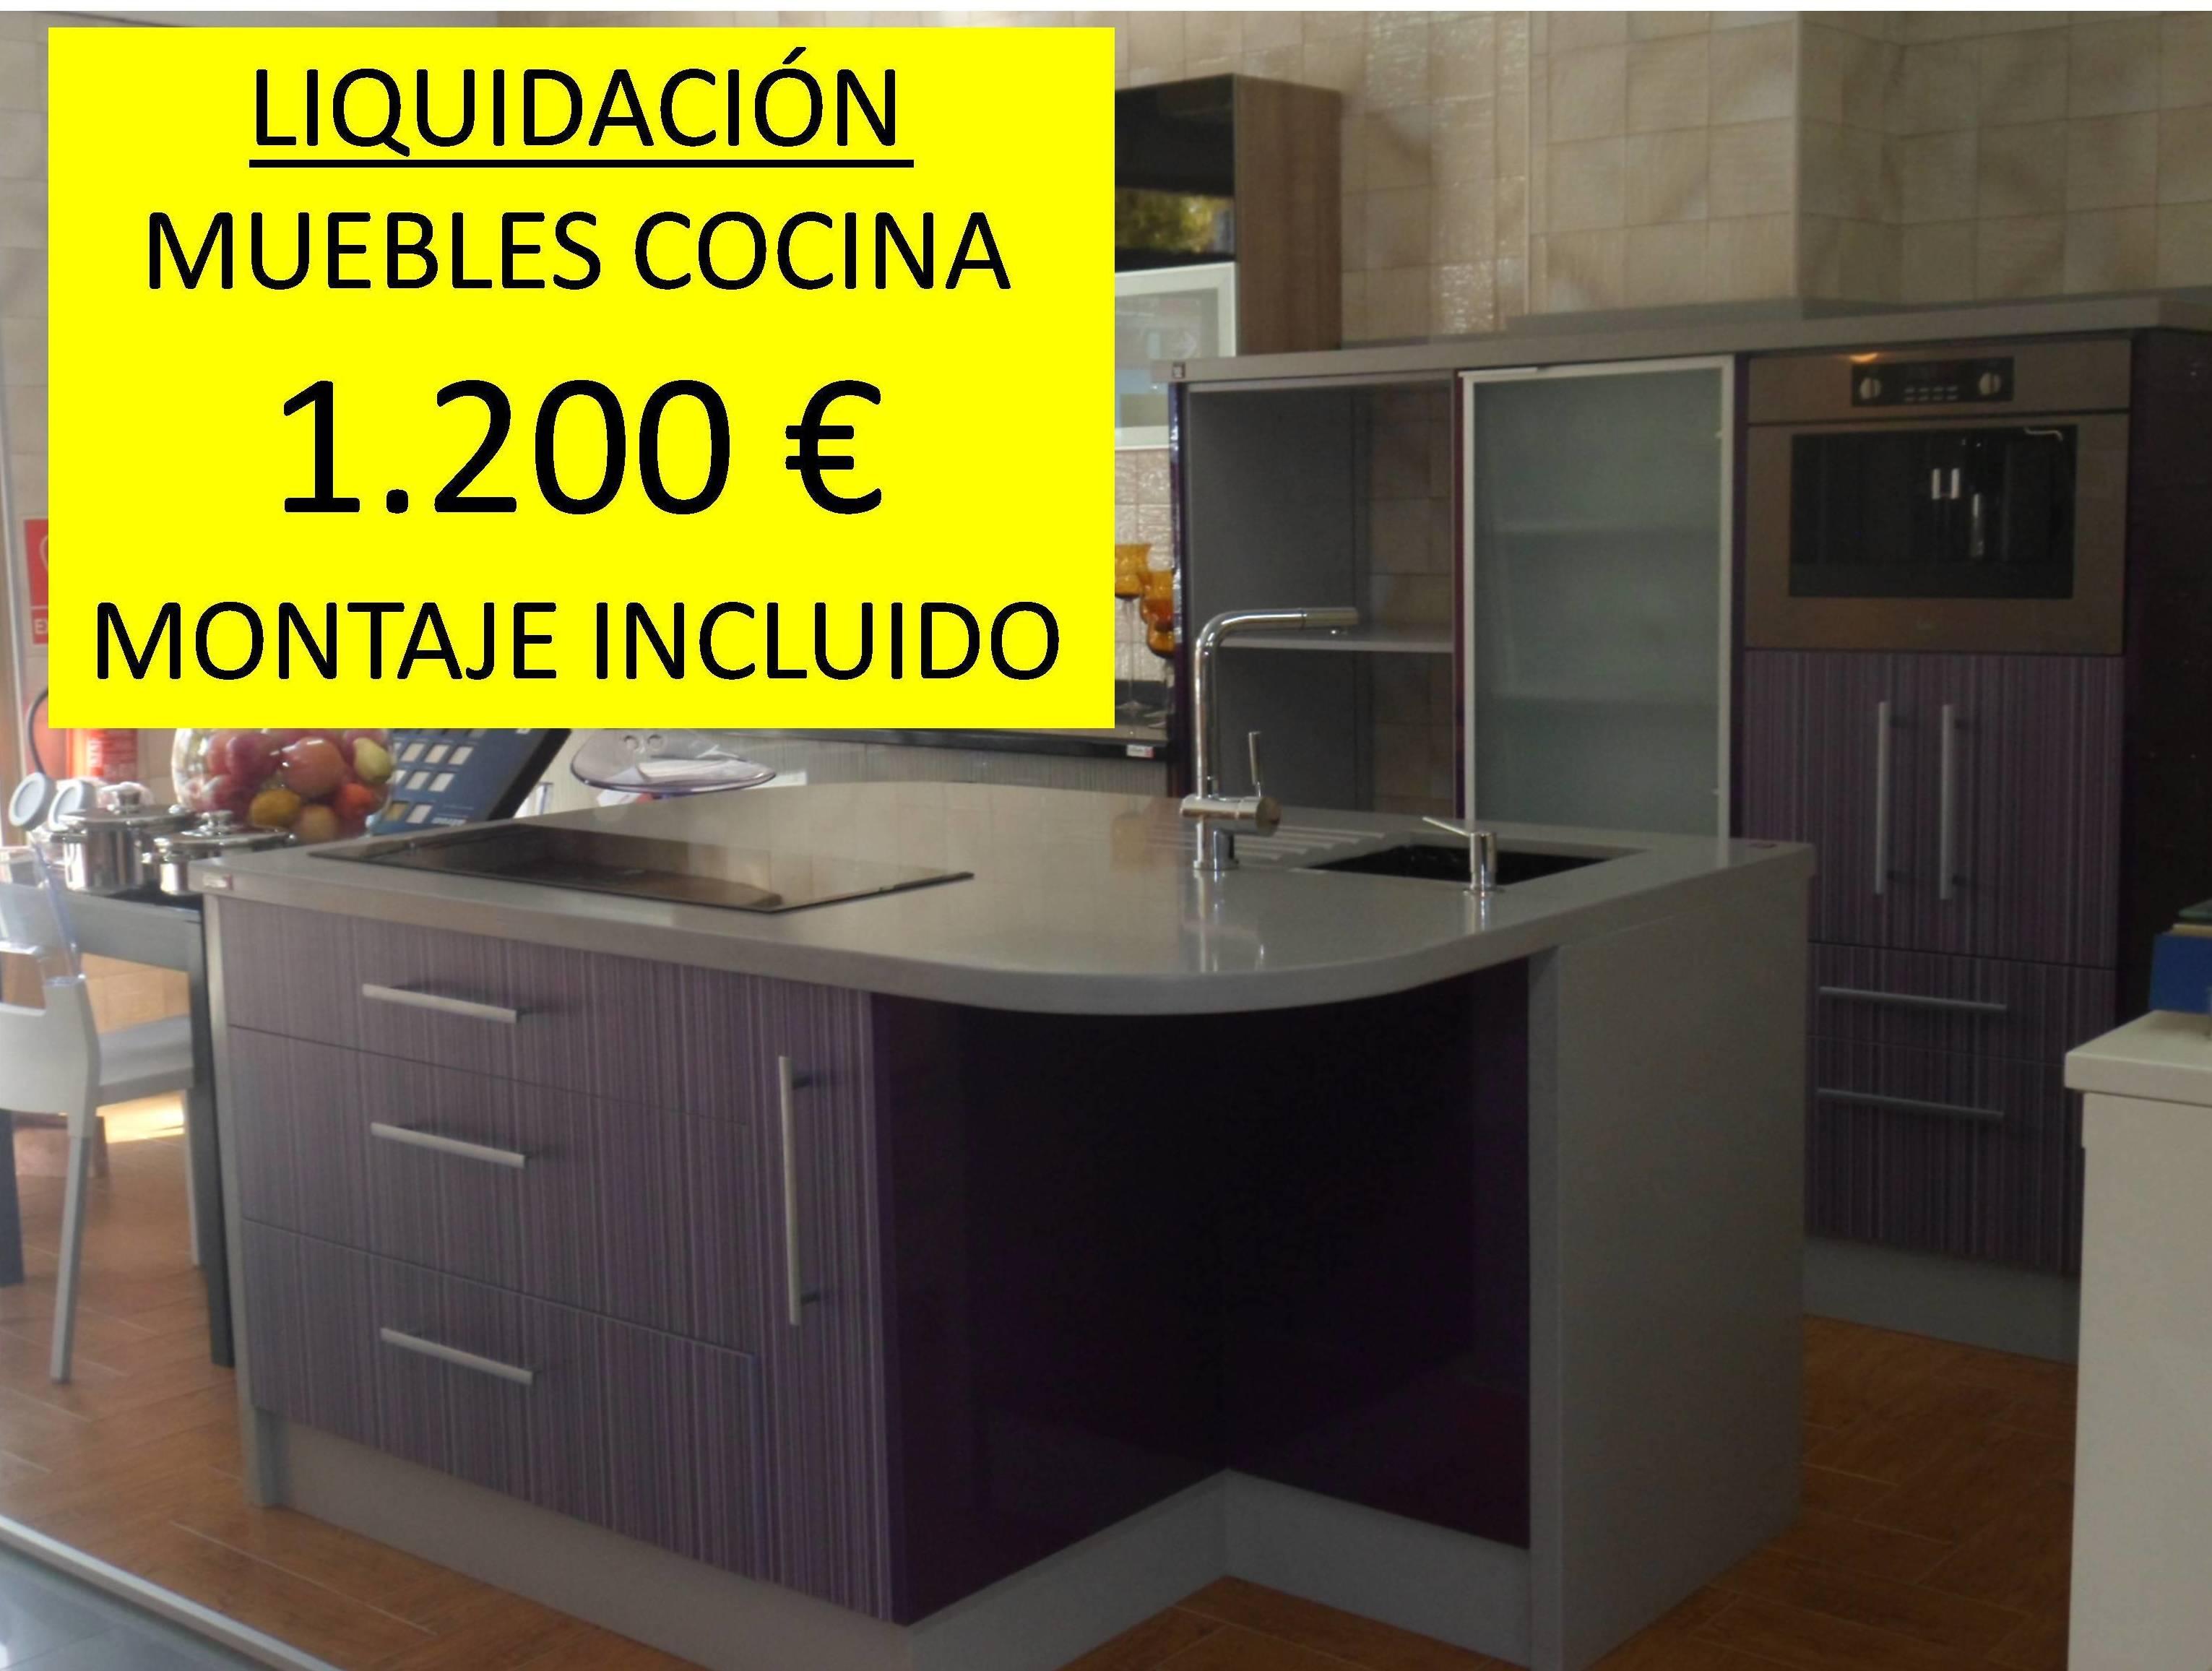 Muebles Segunda Mano Corua. Amazing Nuevo Muebles Cocina ...